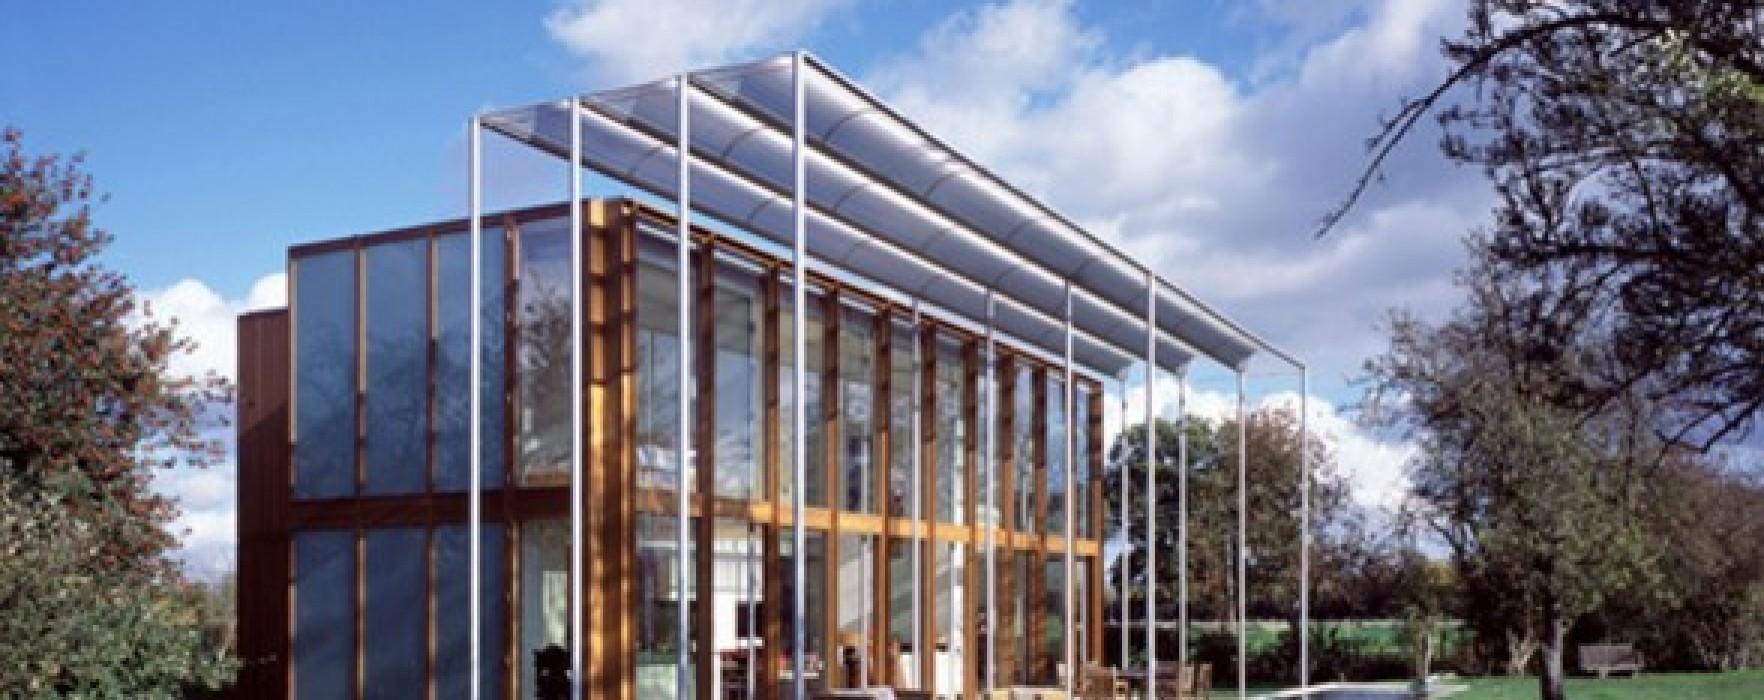 strutture in legno e acciaio